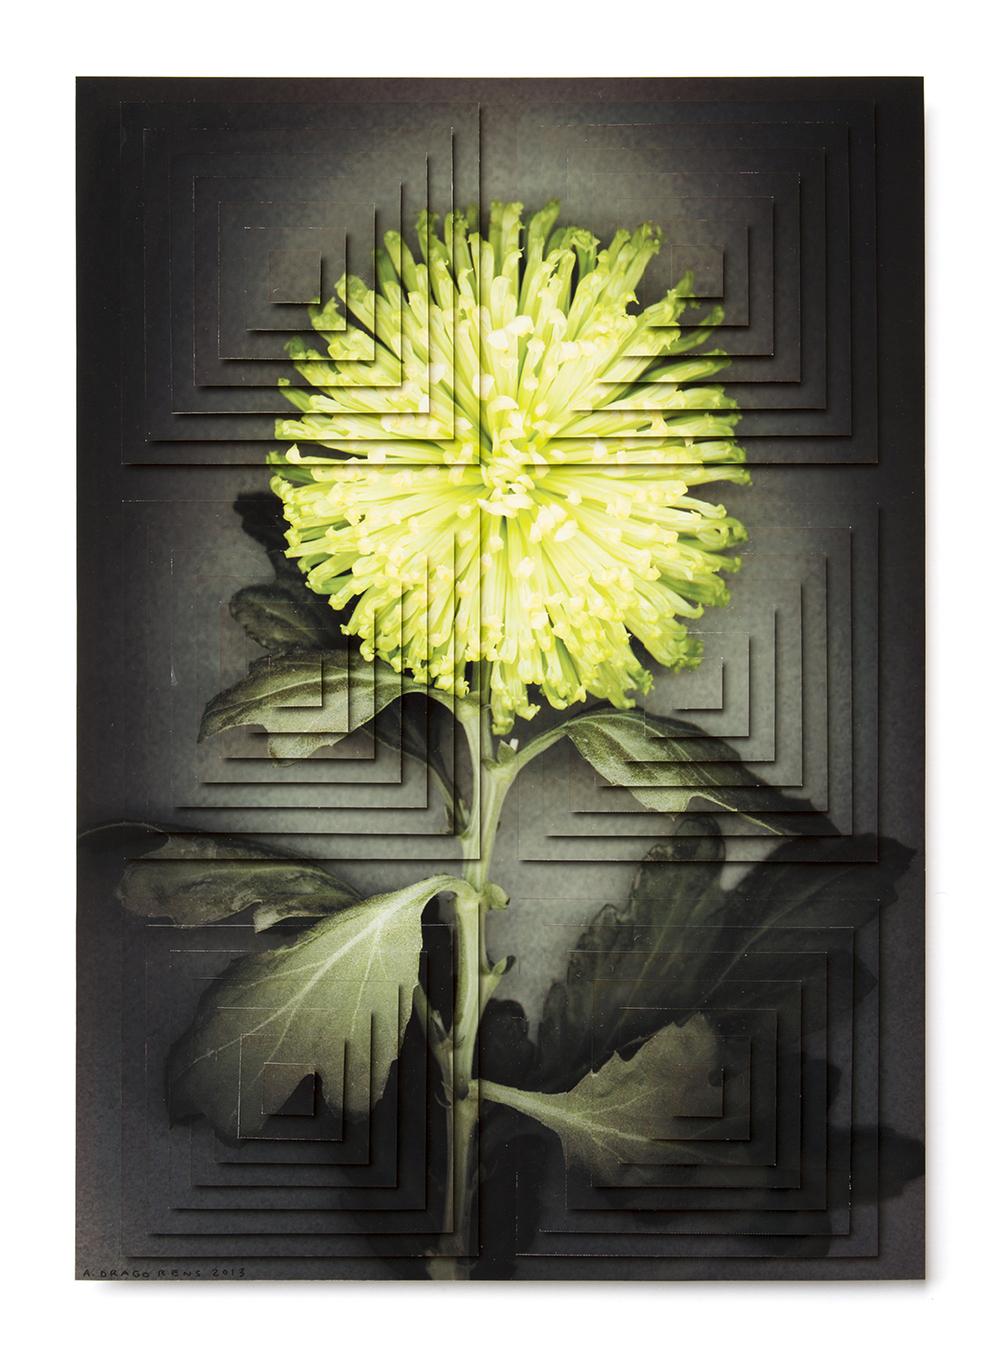 ziggurat fiori DR7.jpg